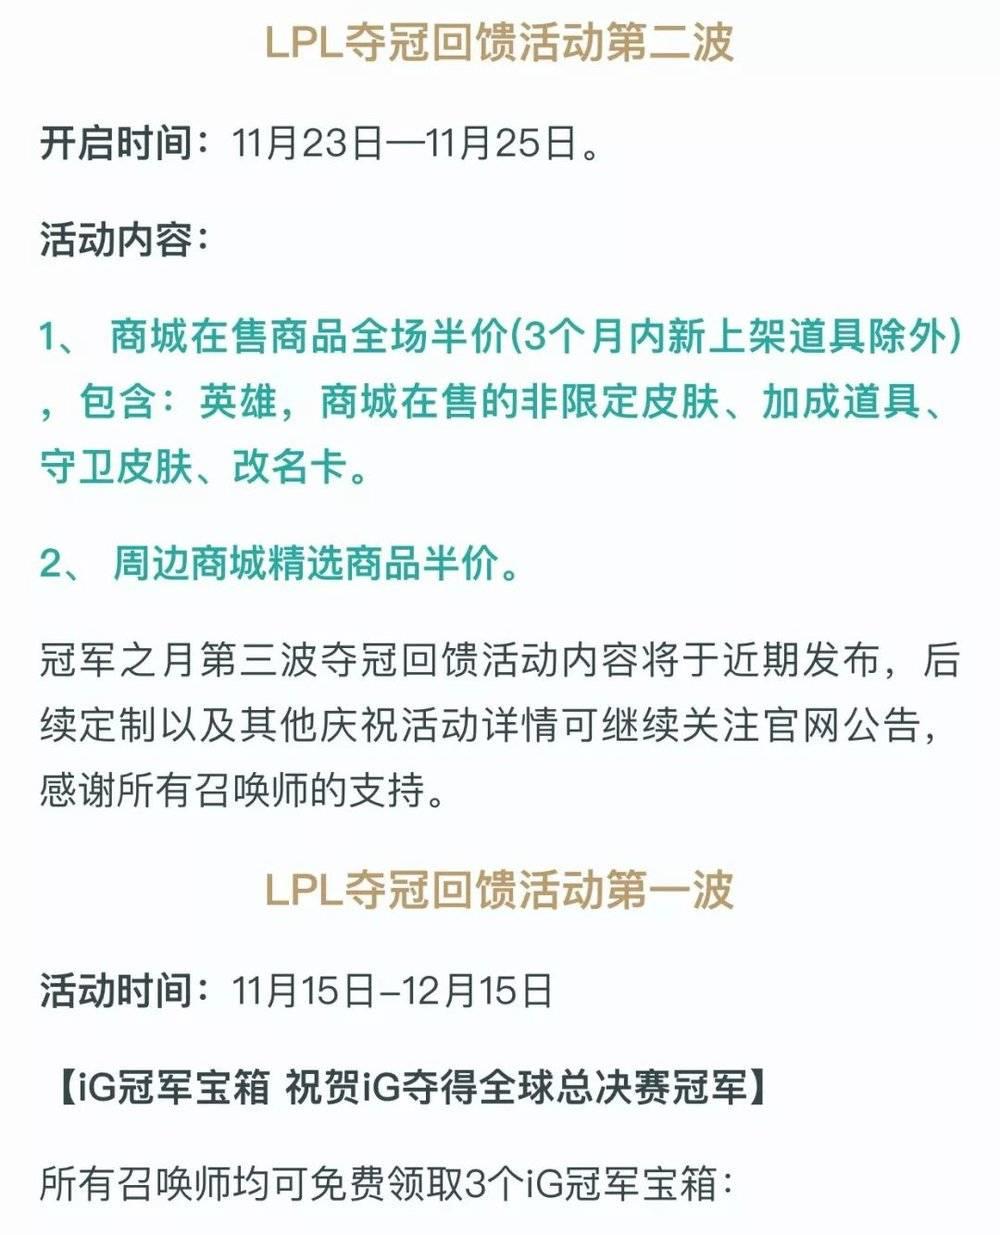 王思聪怒怼腾讯,IG夺冠后腾讯做错了什么?